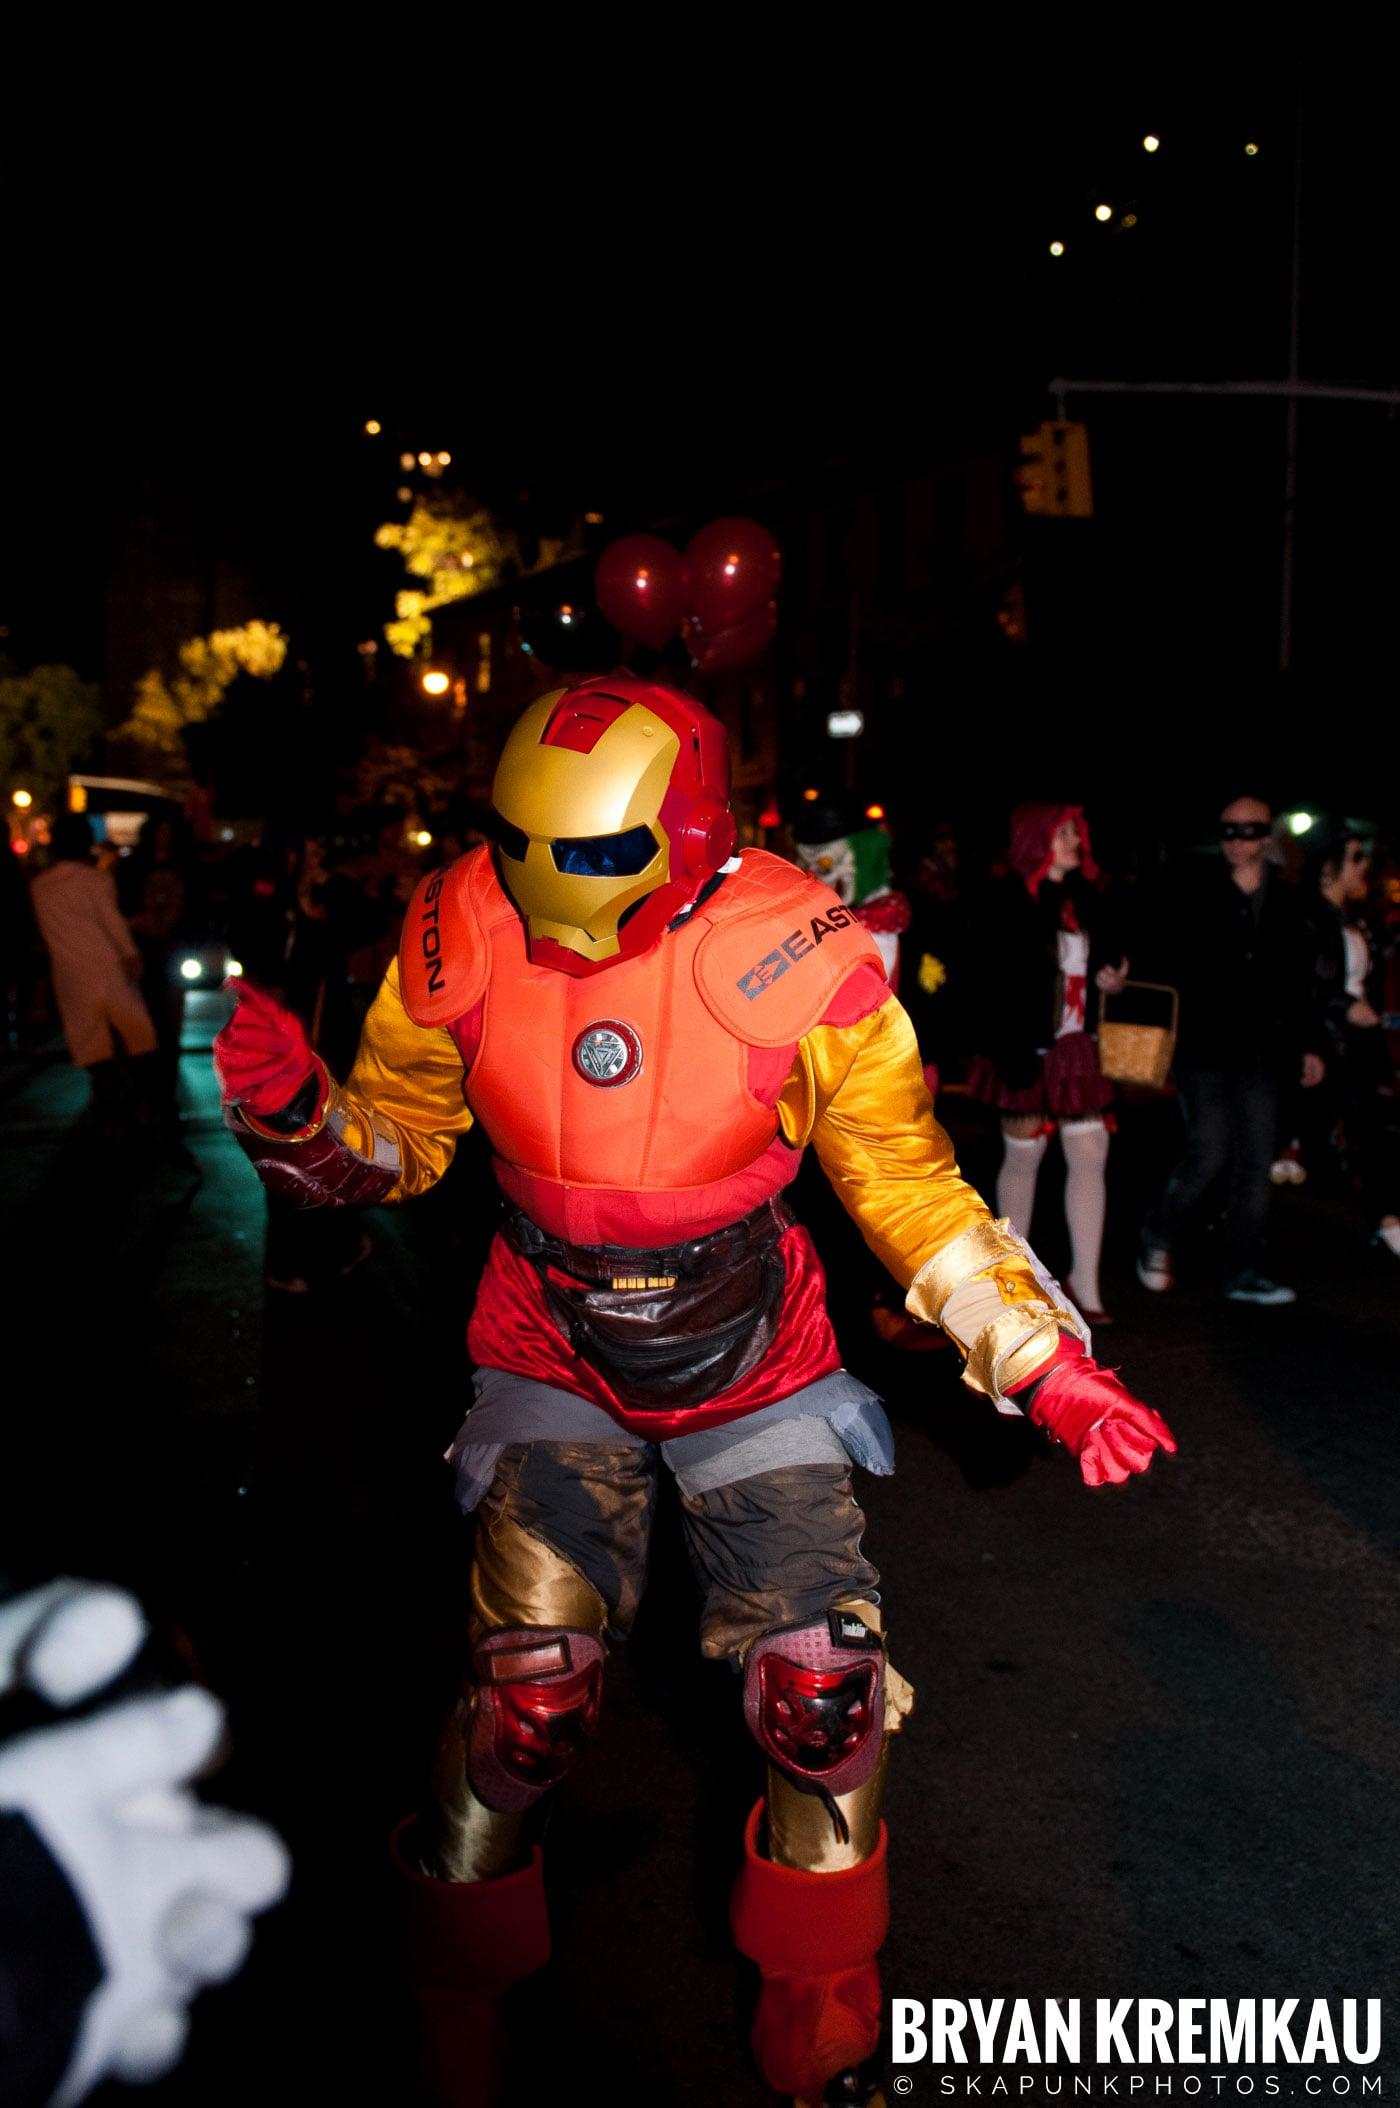 NYC Halloween Parade 2011 @ New York, NY - 10.31.11 (59)